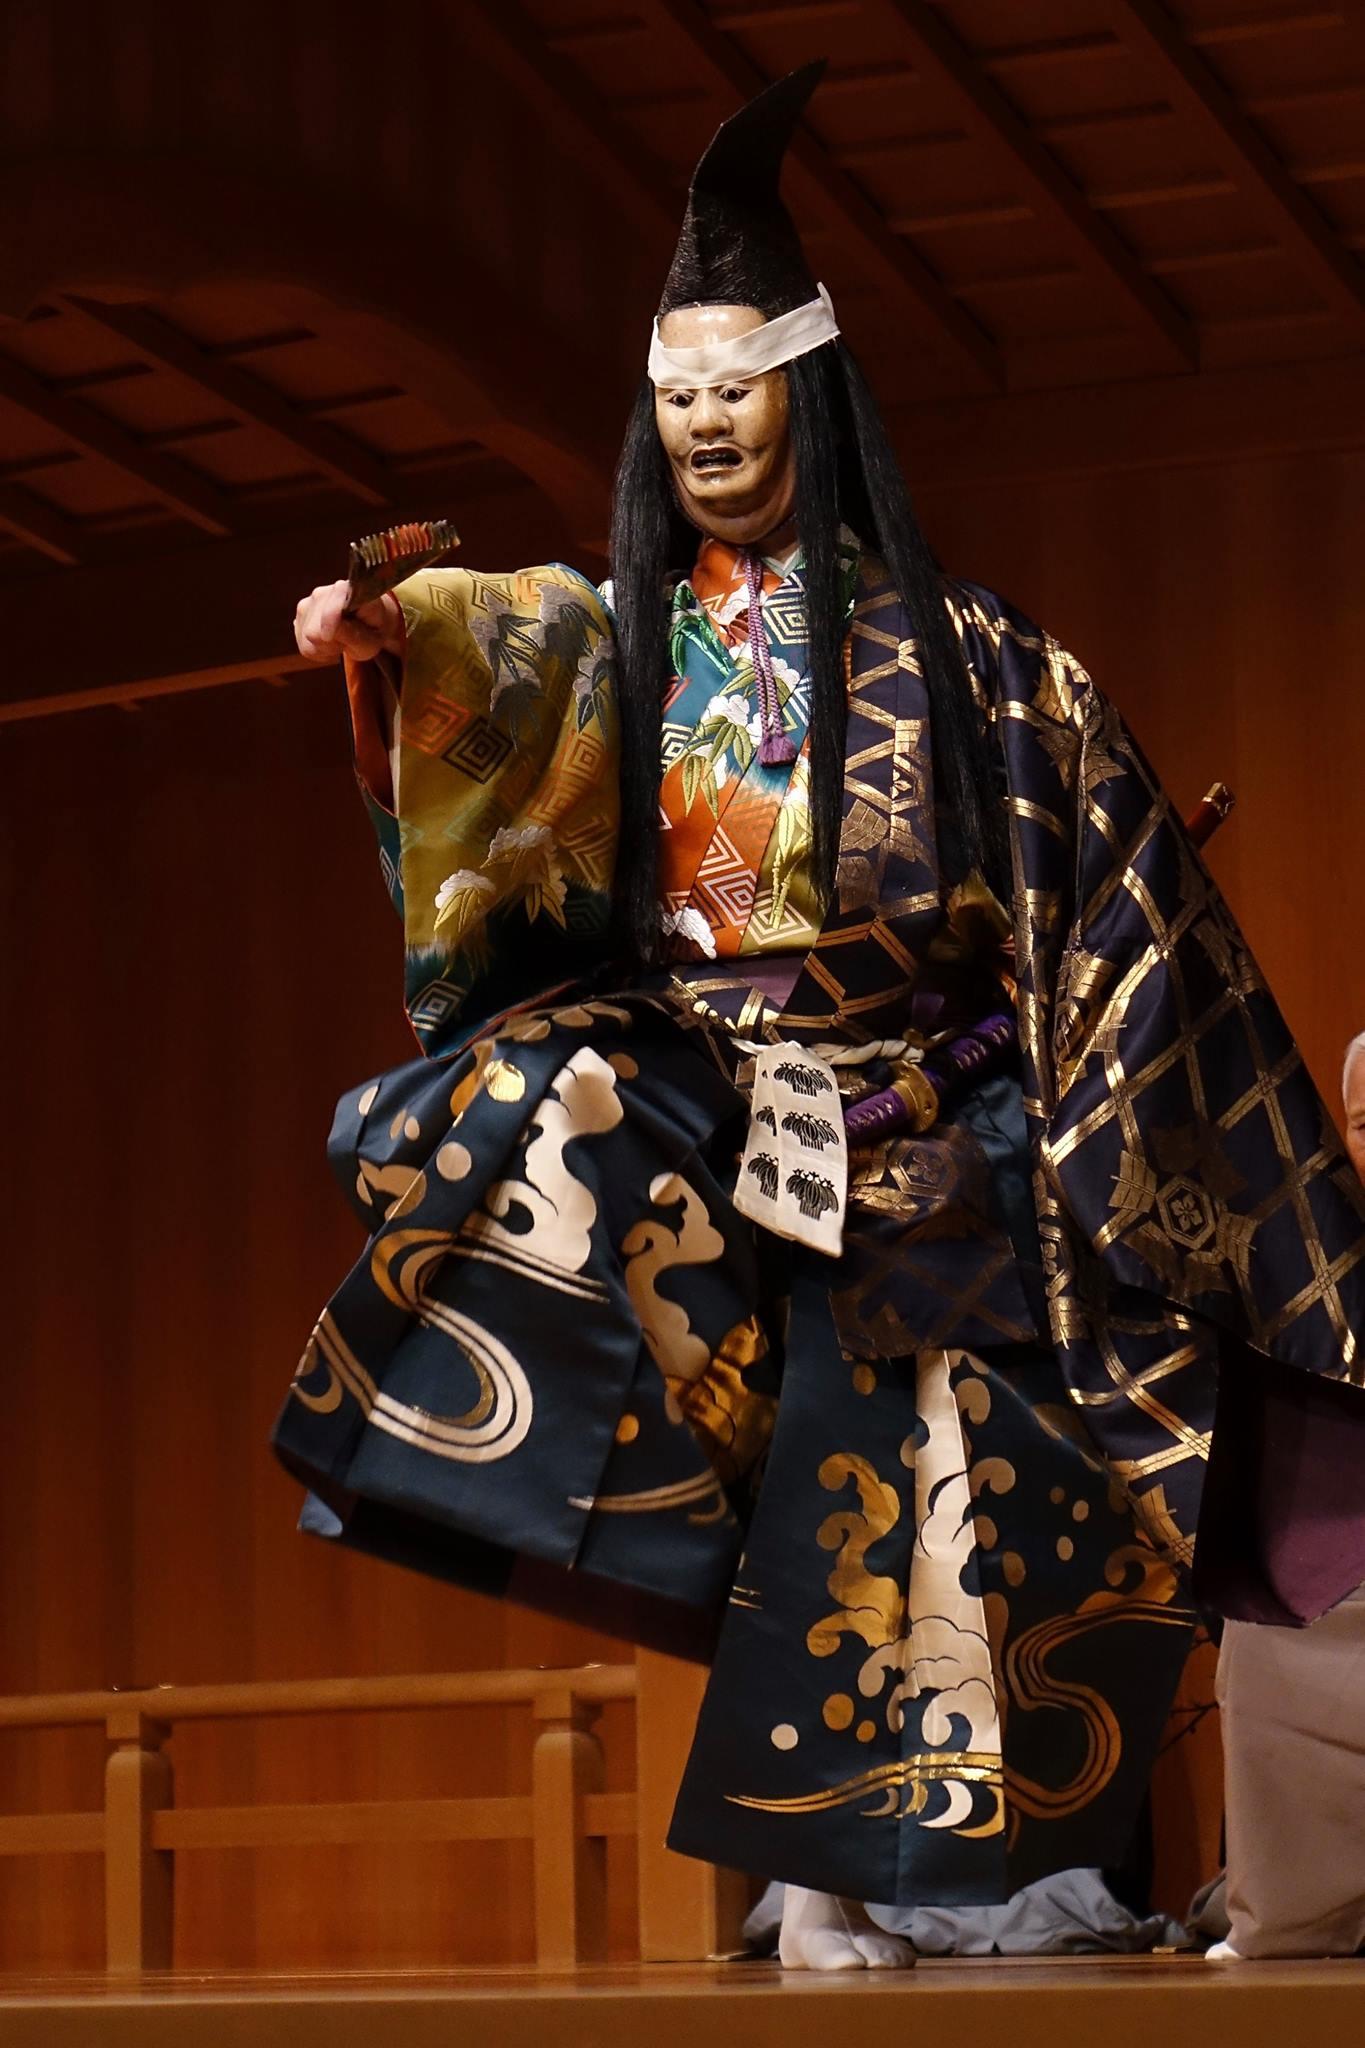 どうすれば能楽師になれる?  川口晃平さんが伝統芸能の世界に飛び込んだワケ